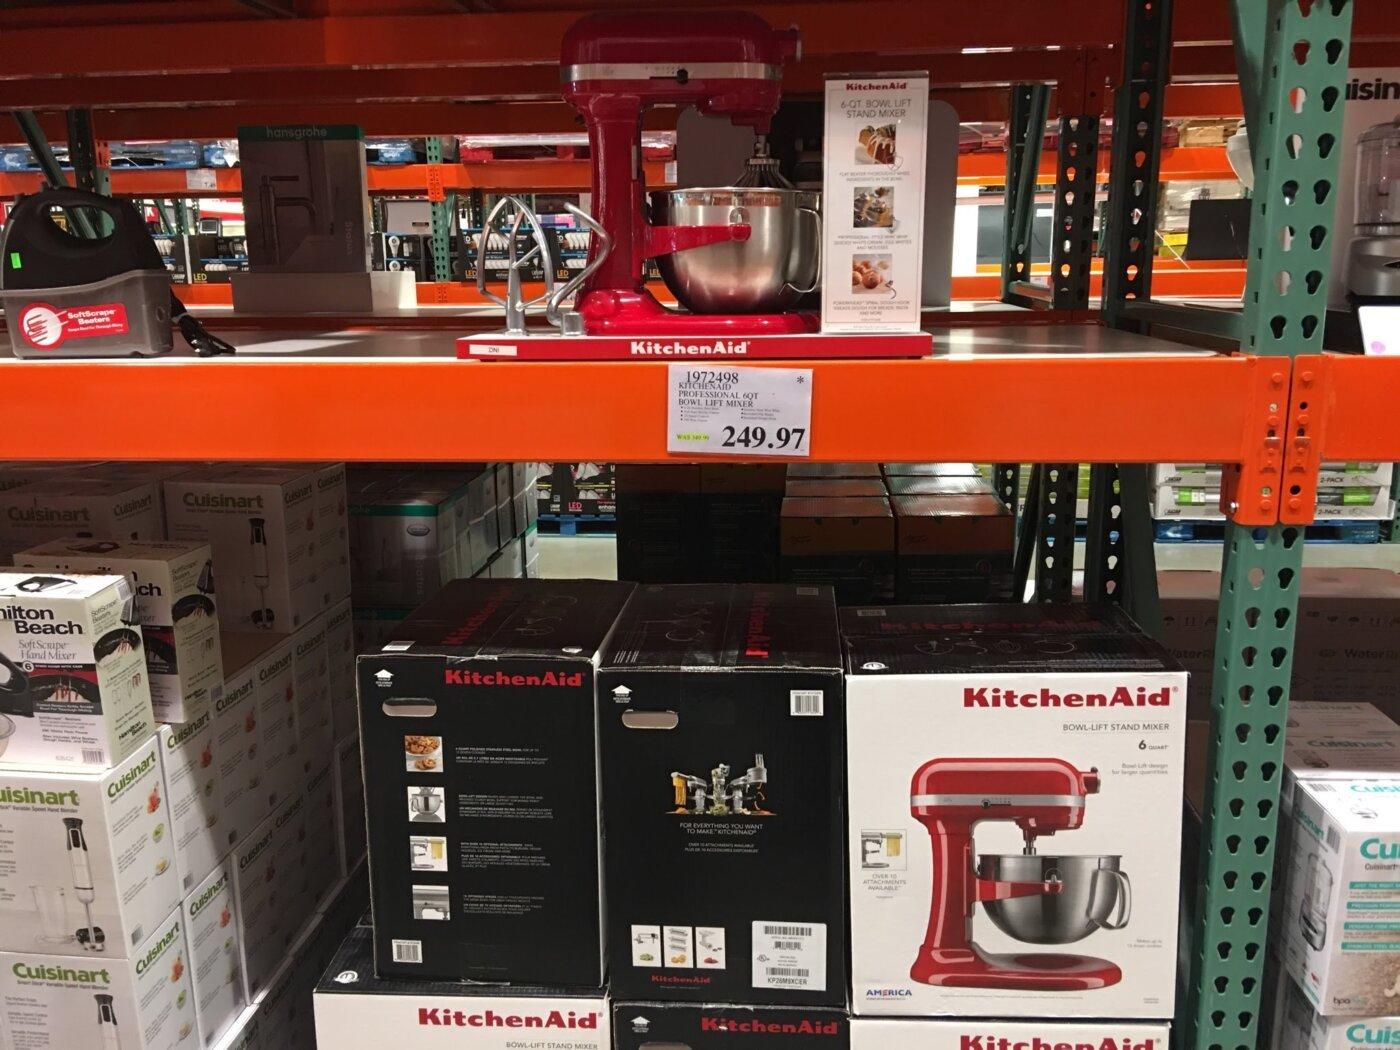 KitchenAid Professional 6qt Mixer - 1972498